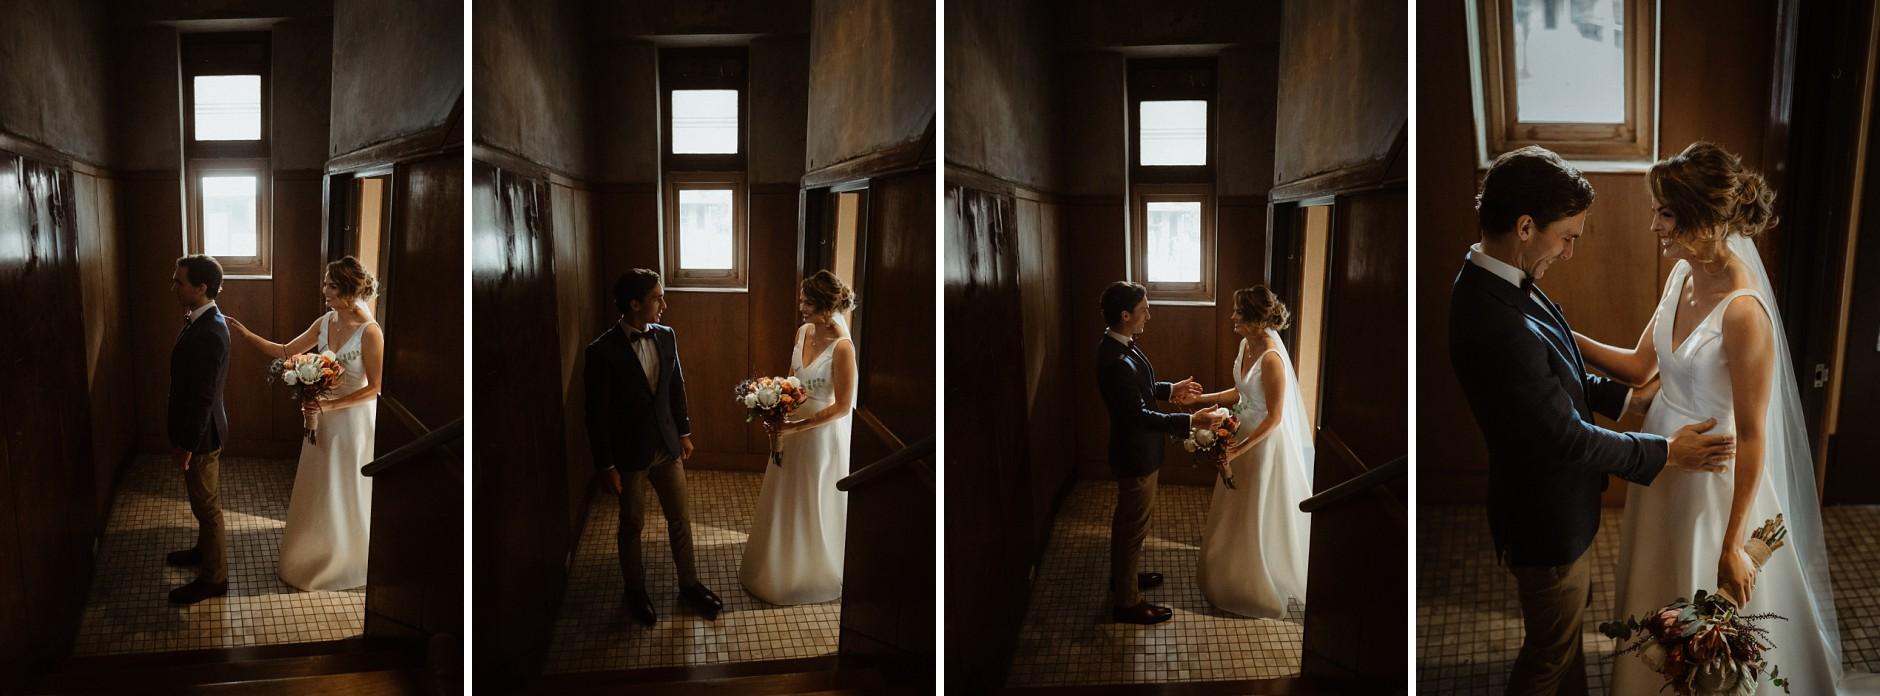 Sydney-Wedding-Photographer-kath&ross0096_Sydney-Wedding-Photographer.jpg